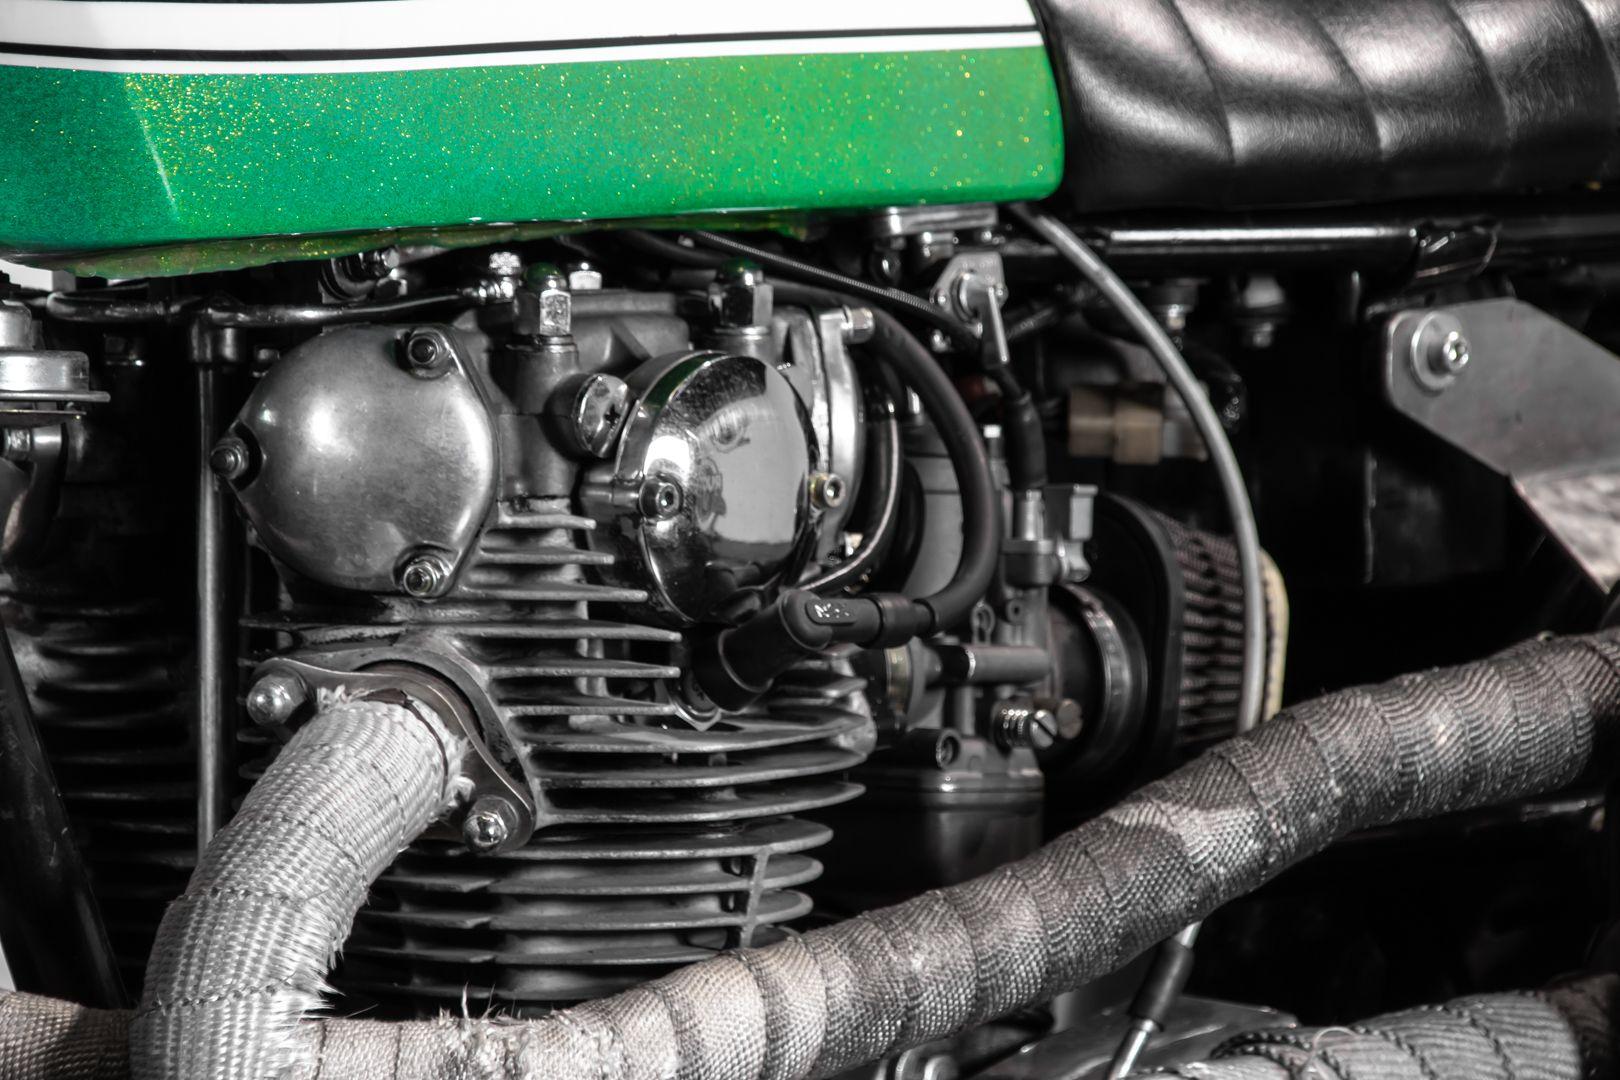 1971 Yamaha 650 XSI 79718